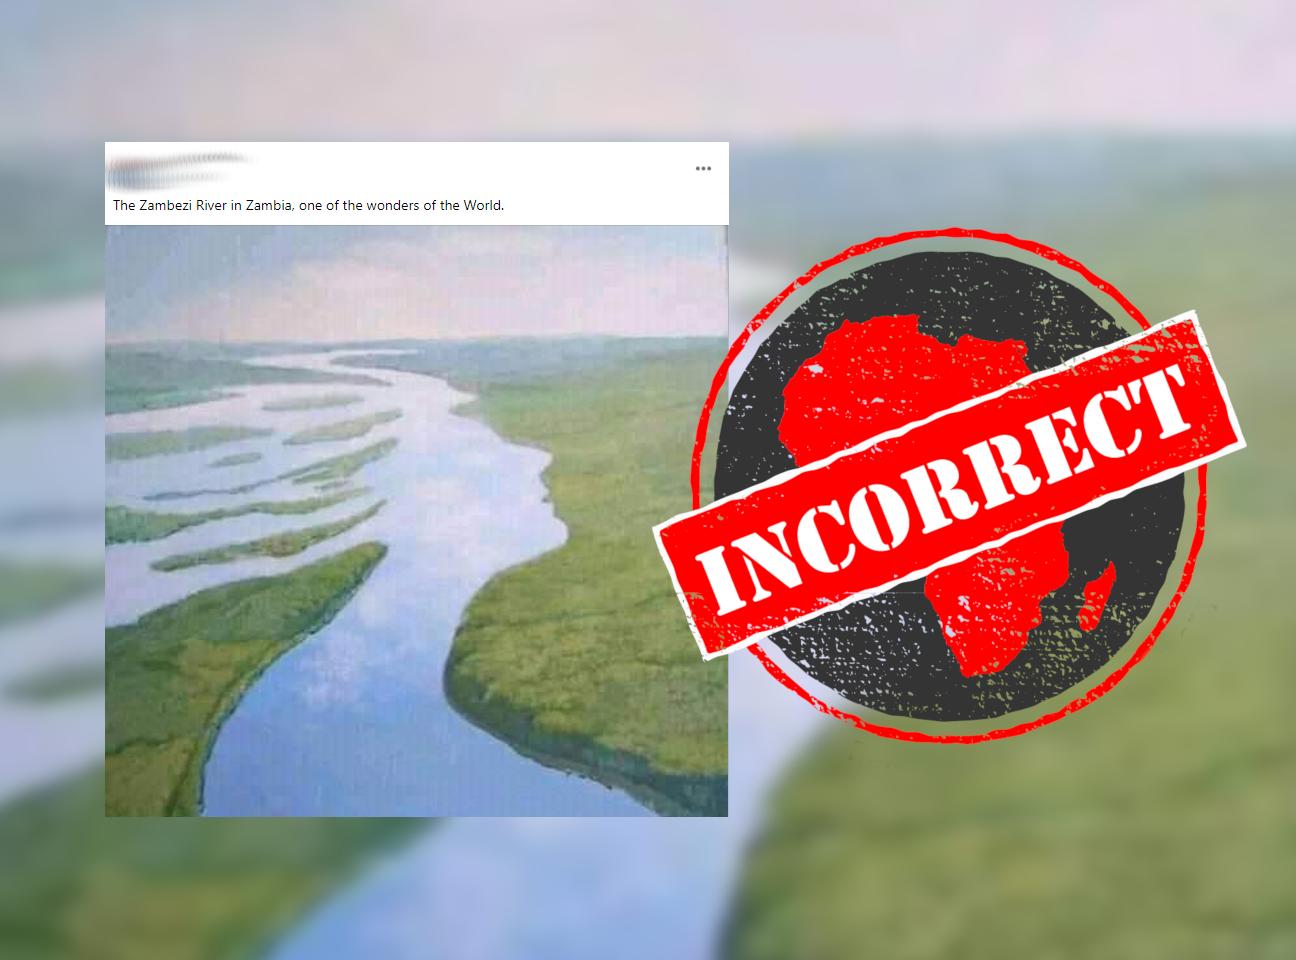 River_Incorrect